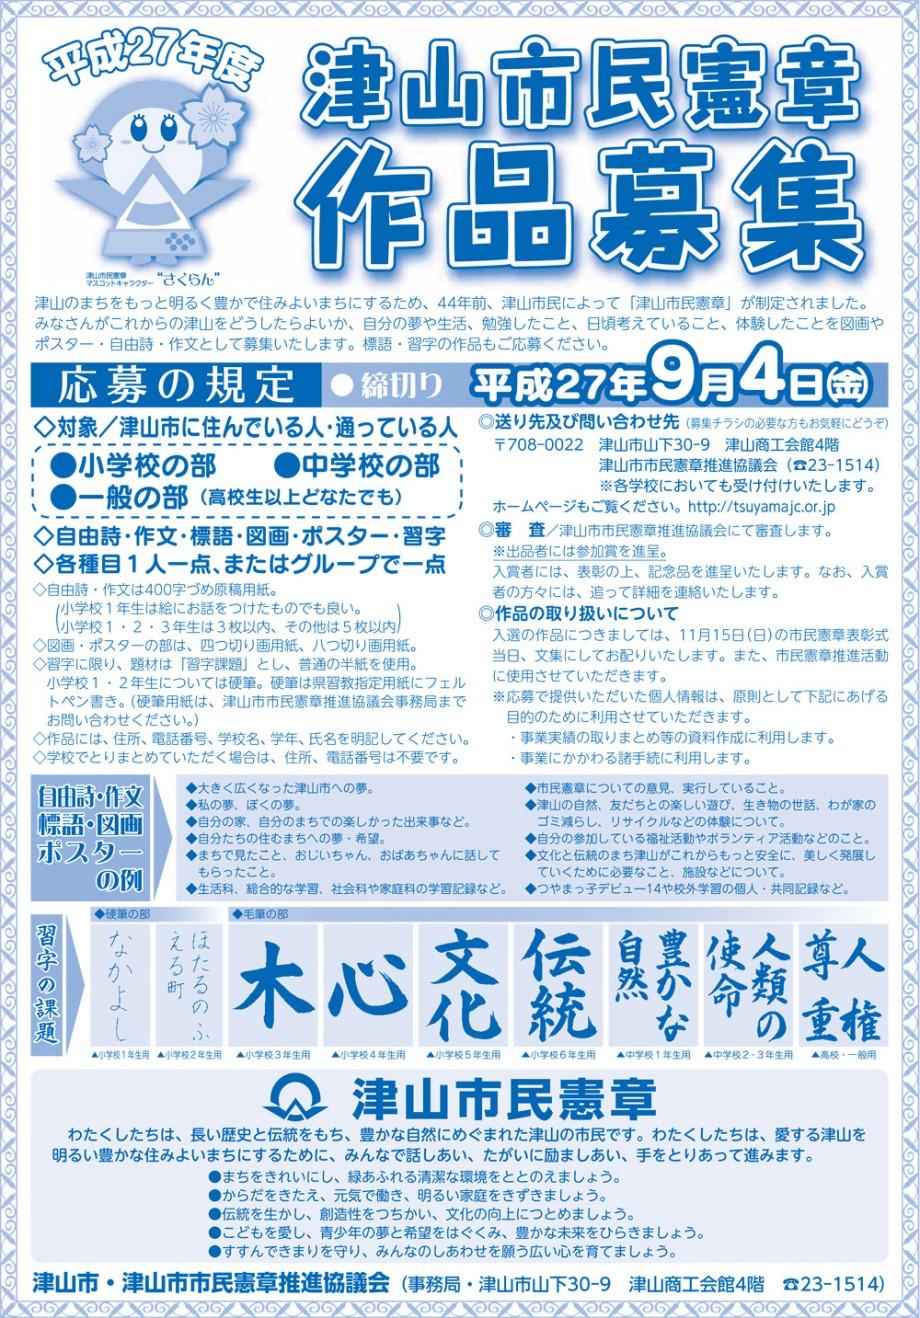 津山市民憲章 作品募集要項2015